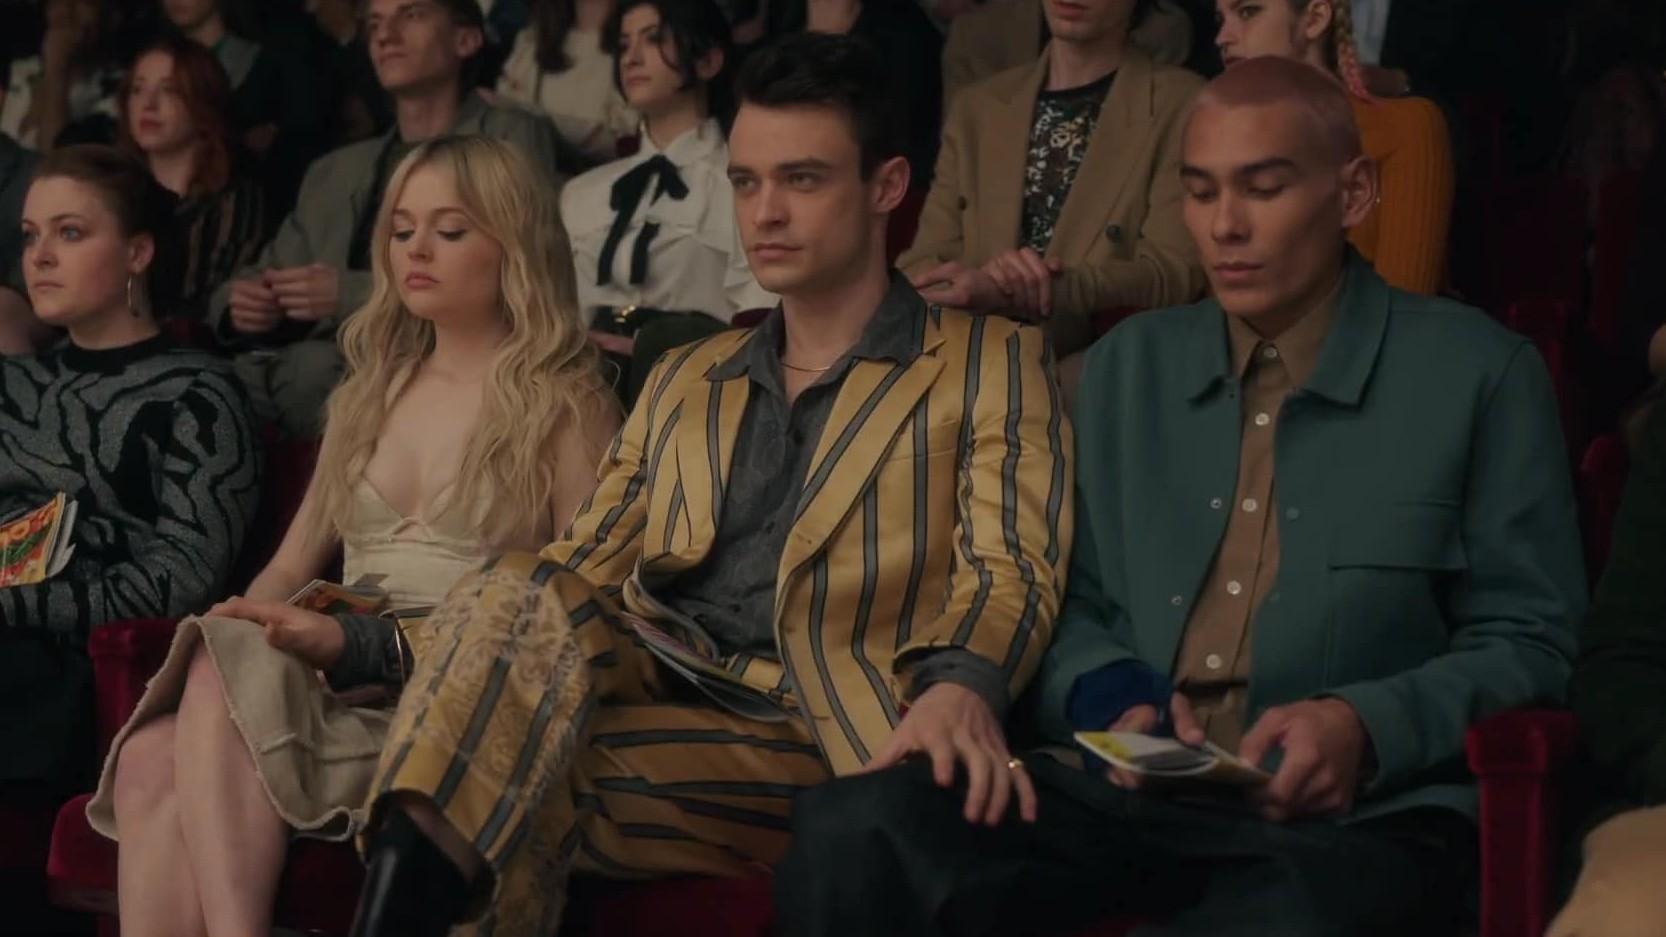 Cena da série Gossip Girl. A cena mostra o interior de um teatro, com 3 personagens sentados um ao lado do outro. À esquerda, está Audrey, branca e loira, ao meio está Max, branco e de cabelos pretos e terno amarelo, e à direita está Aki, asiático e de cabelo raspado rosa. Max está com as mãos nas coxas dos dois.